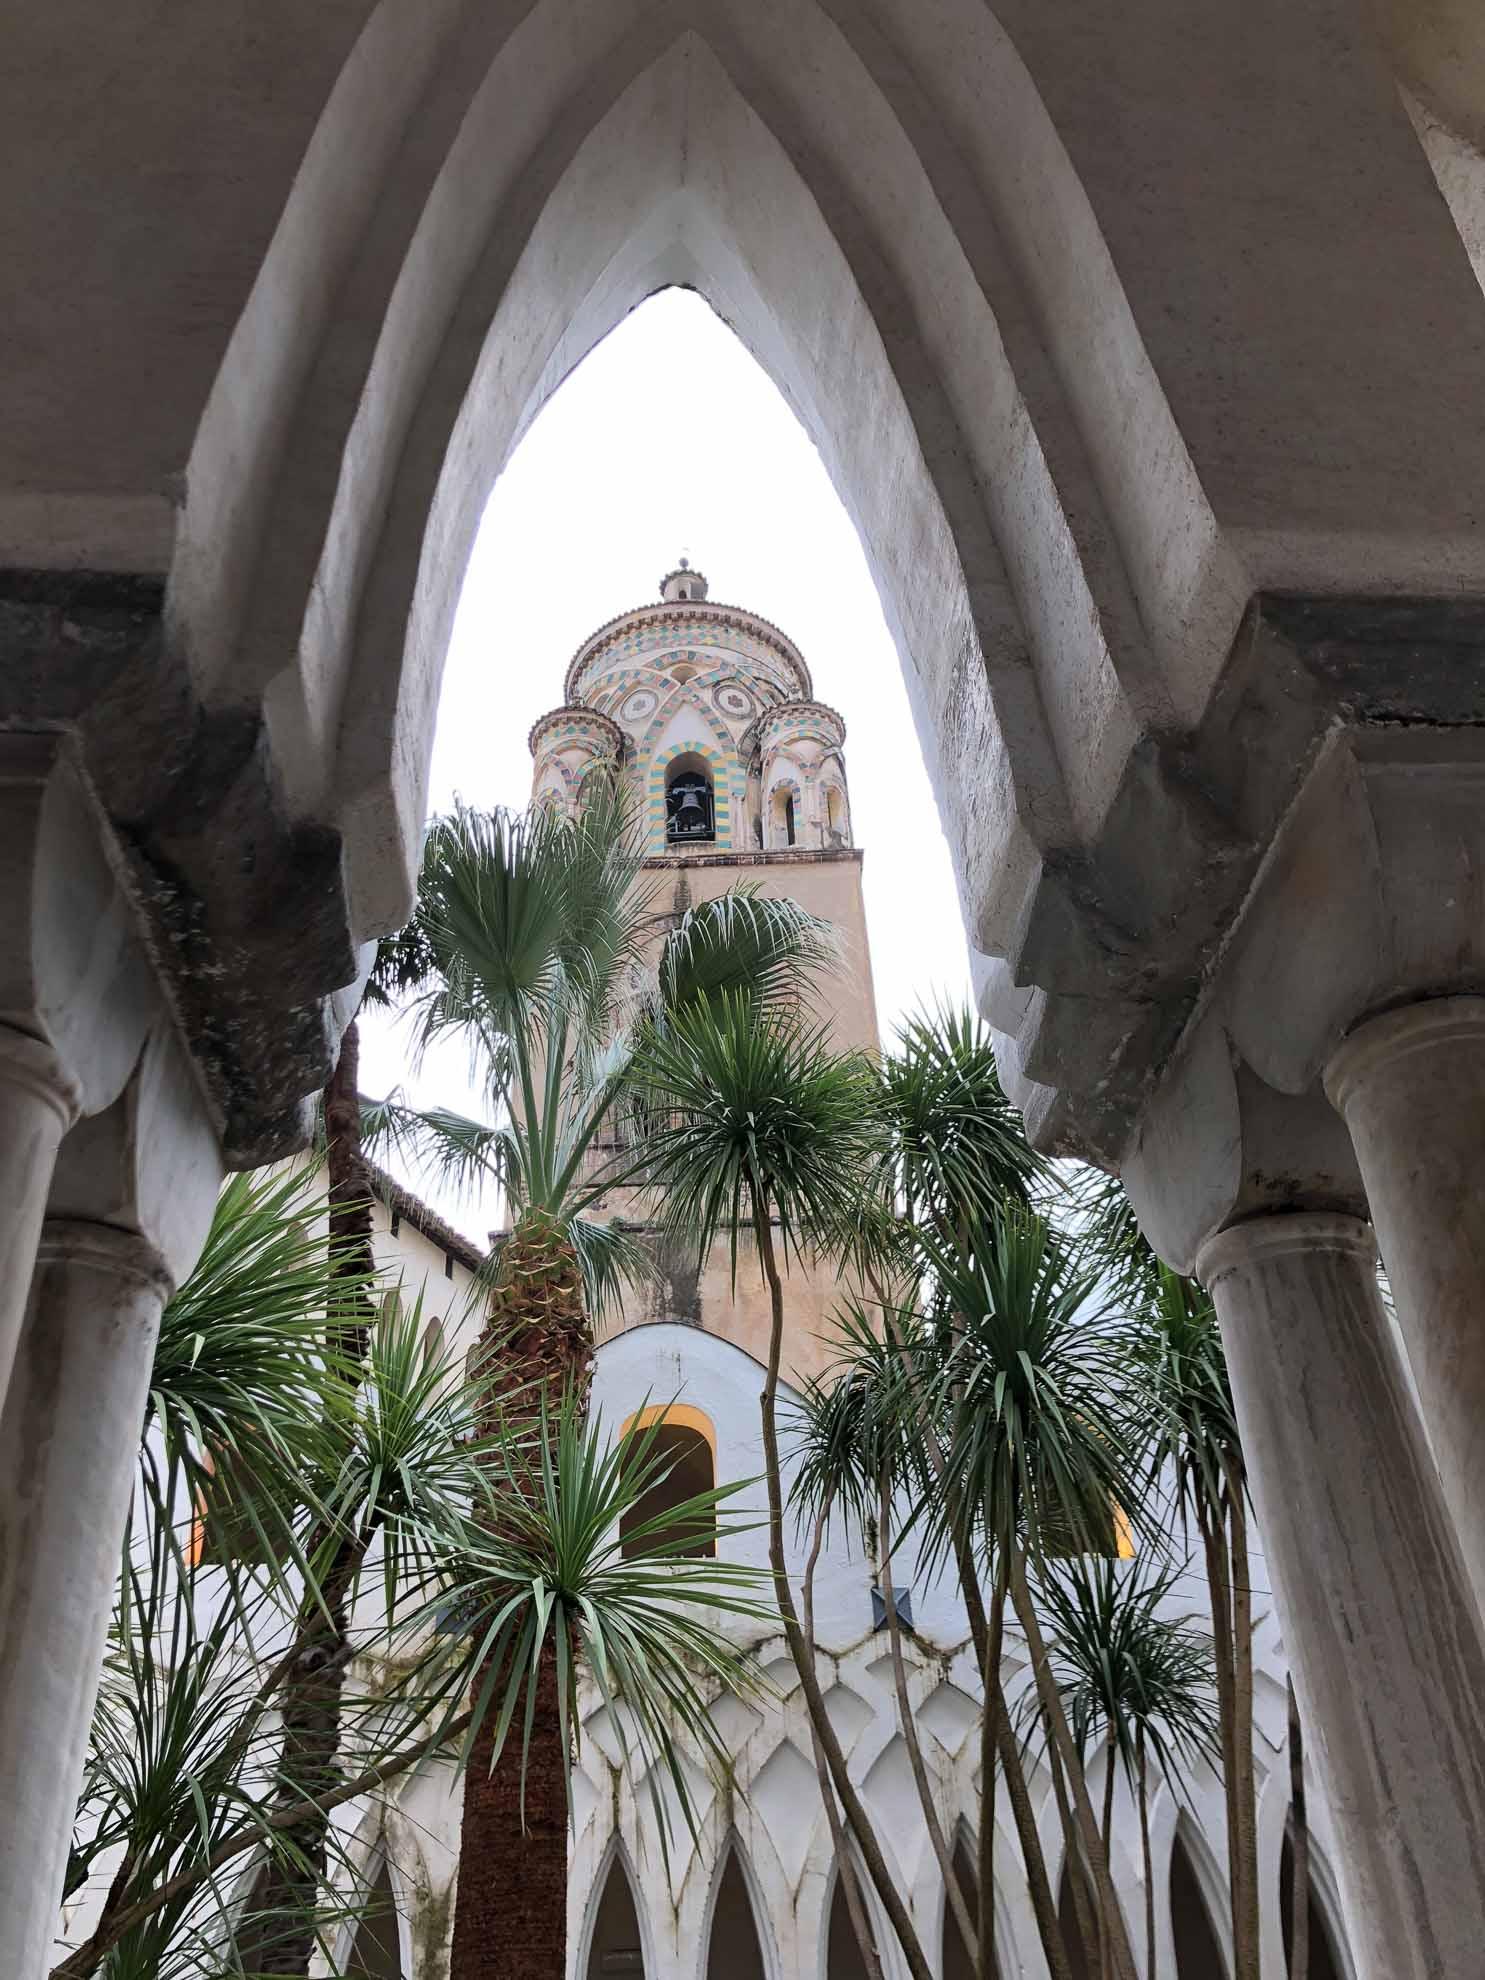 Wir besuchen den Dom Sant'Andrea, der mit seinem Glockenturm das Stadtbild prägt. Er wurde im 10. Jahrhundert im romanischen Stil erbaut. Der Glockenturm kam später dazu.